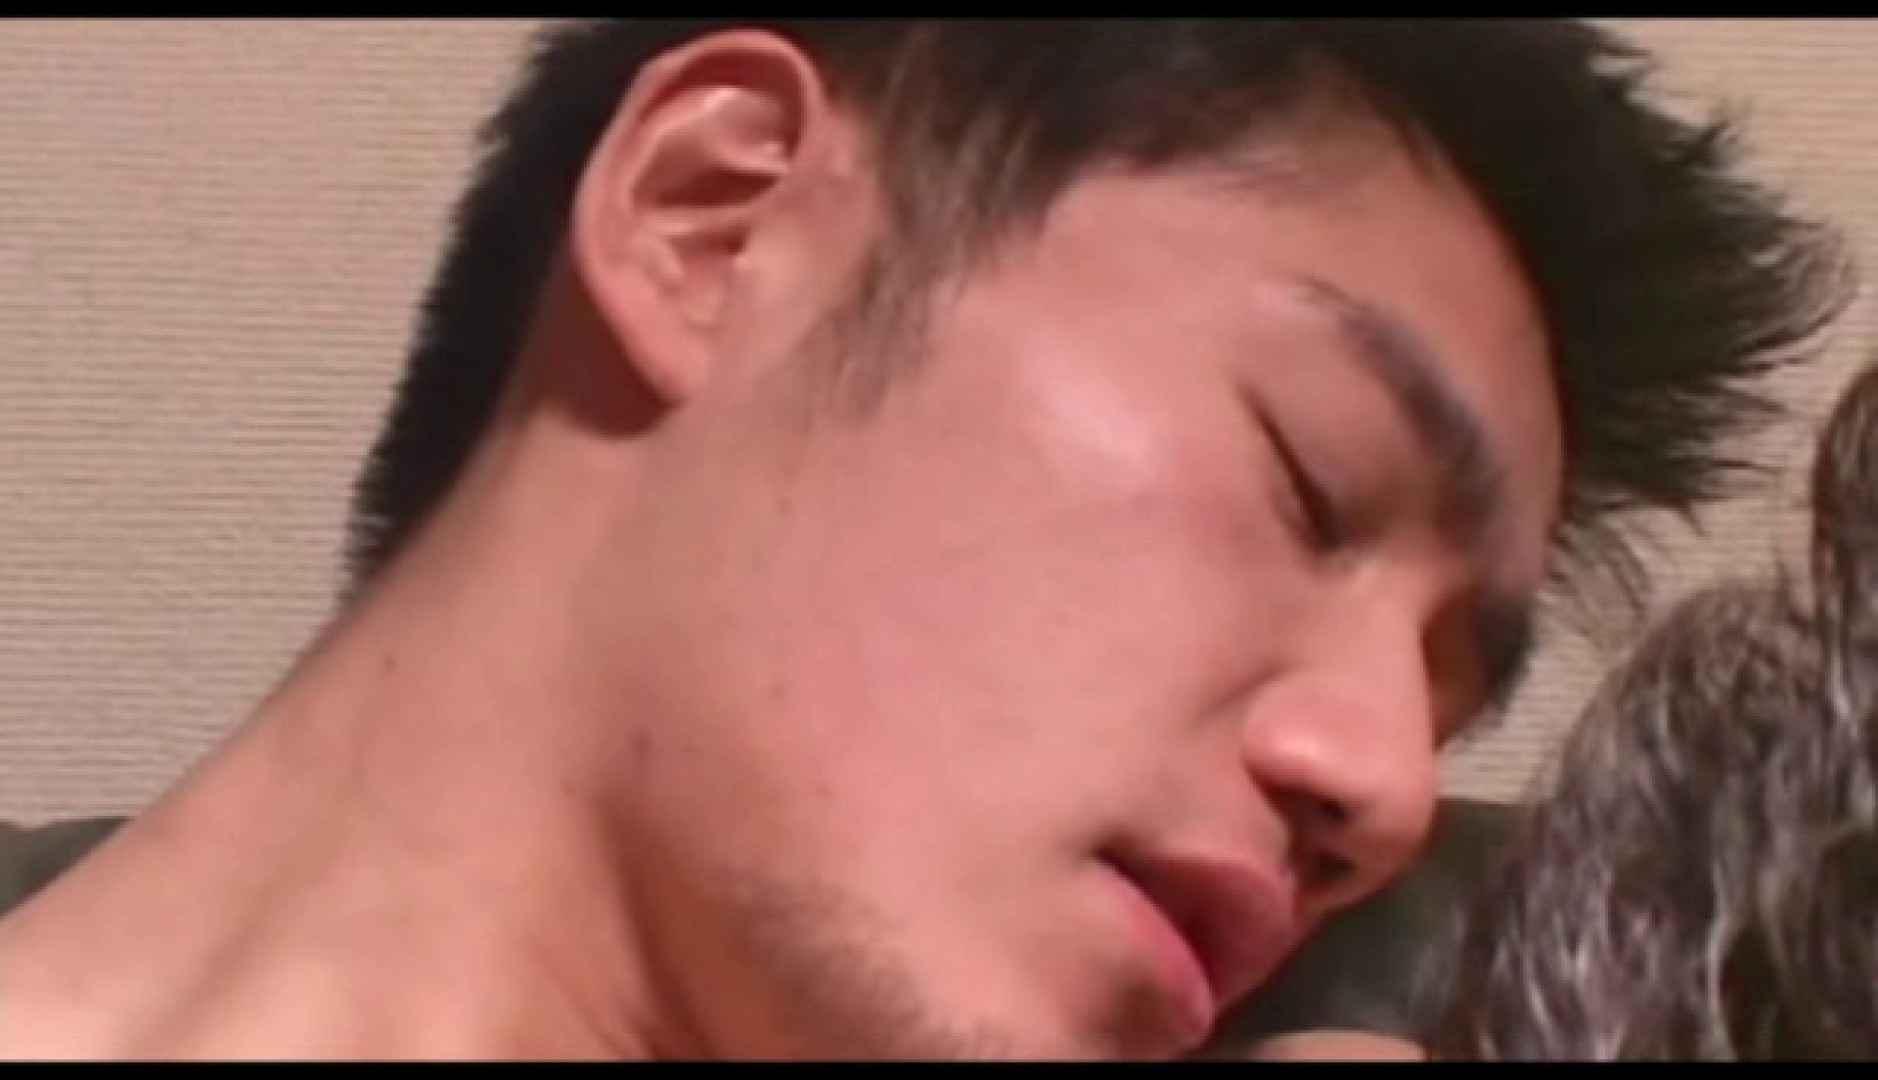 イケメンダブルス!Vol.02 エロすぎる映像 男同士動画 94画像 94